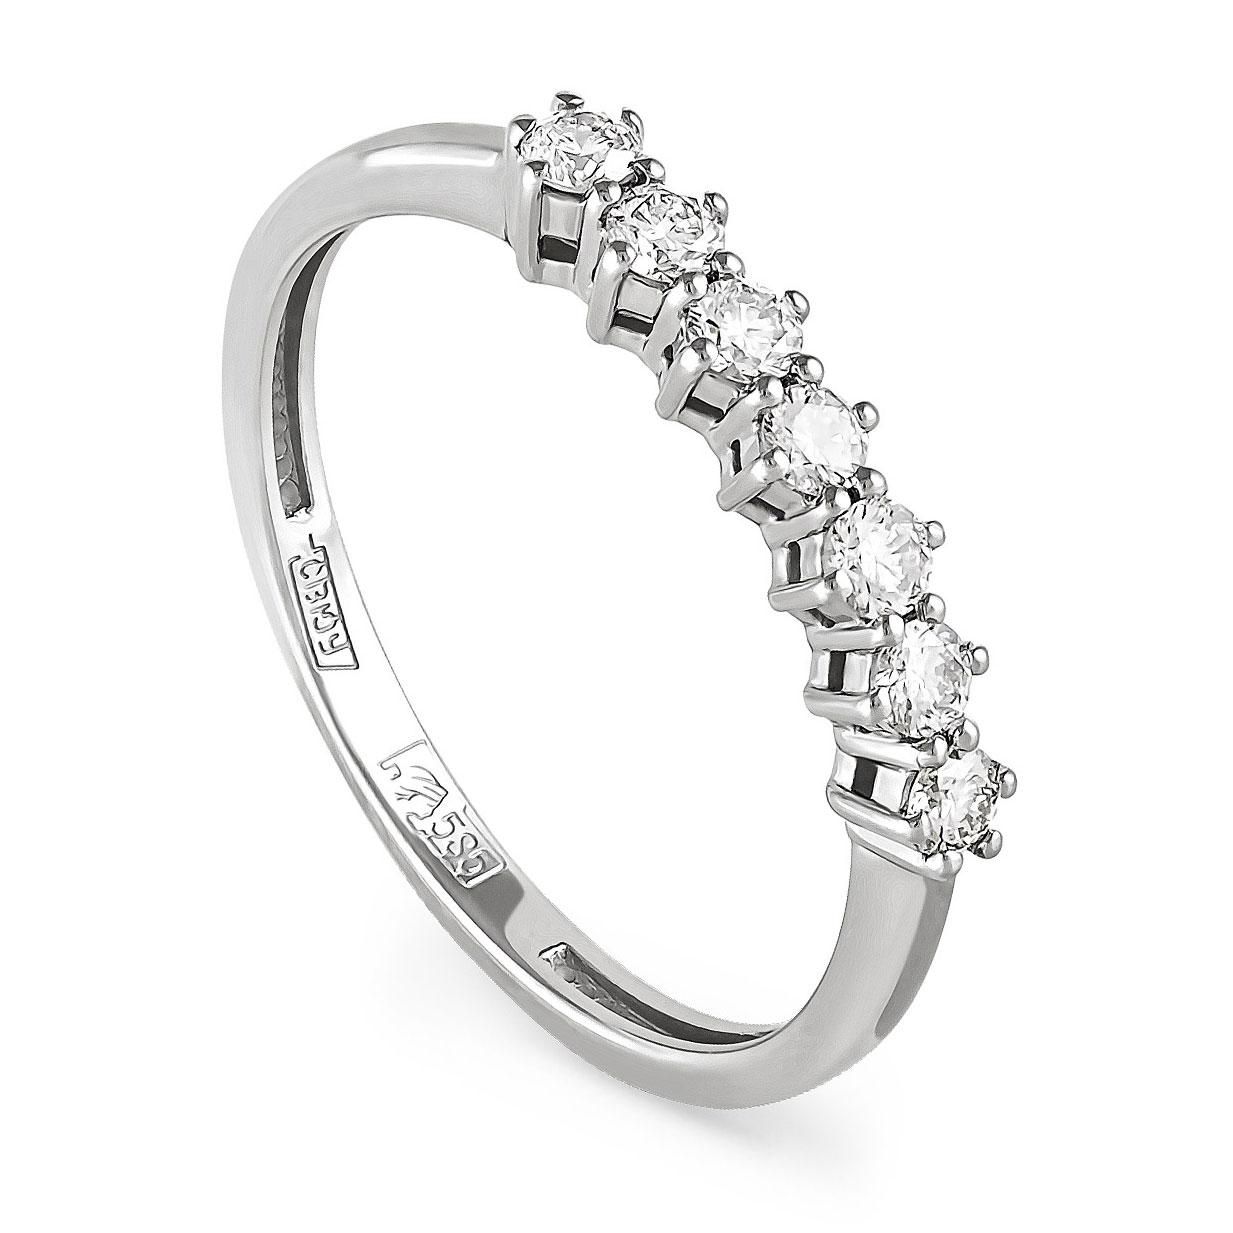 Кольцо из белого золота Бриллиант арт. 11-11128-1000 11-11128-1000